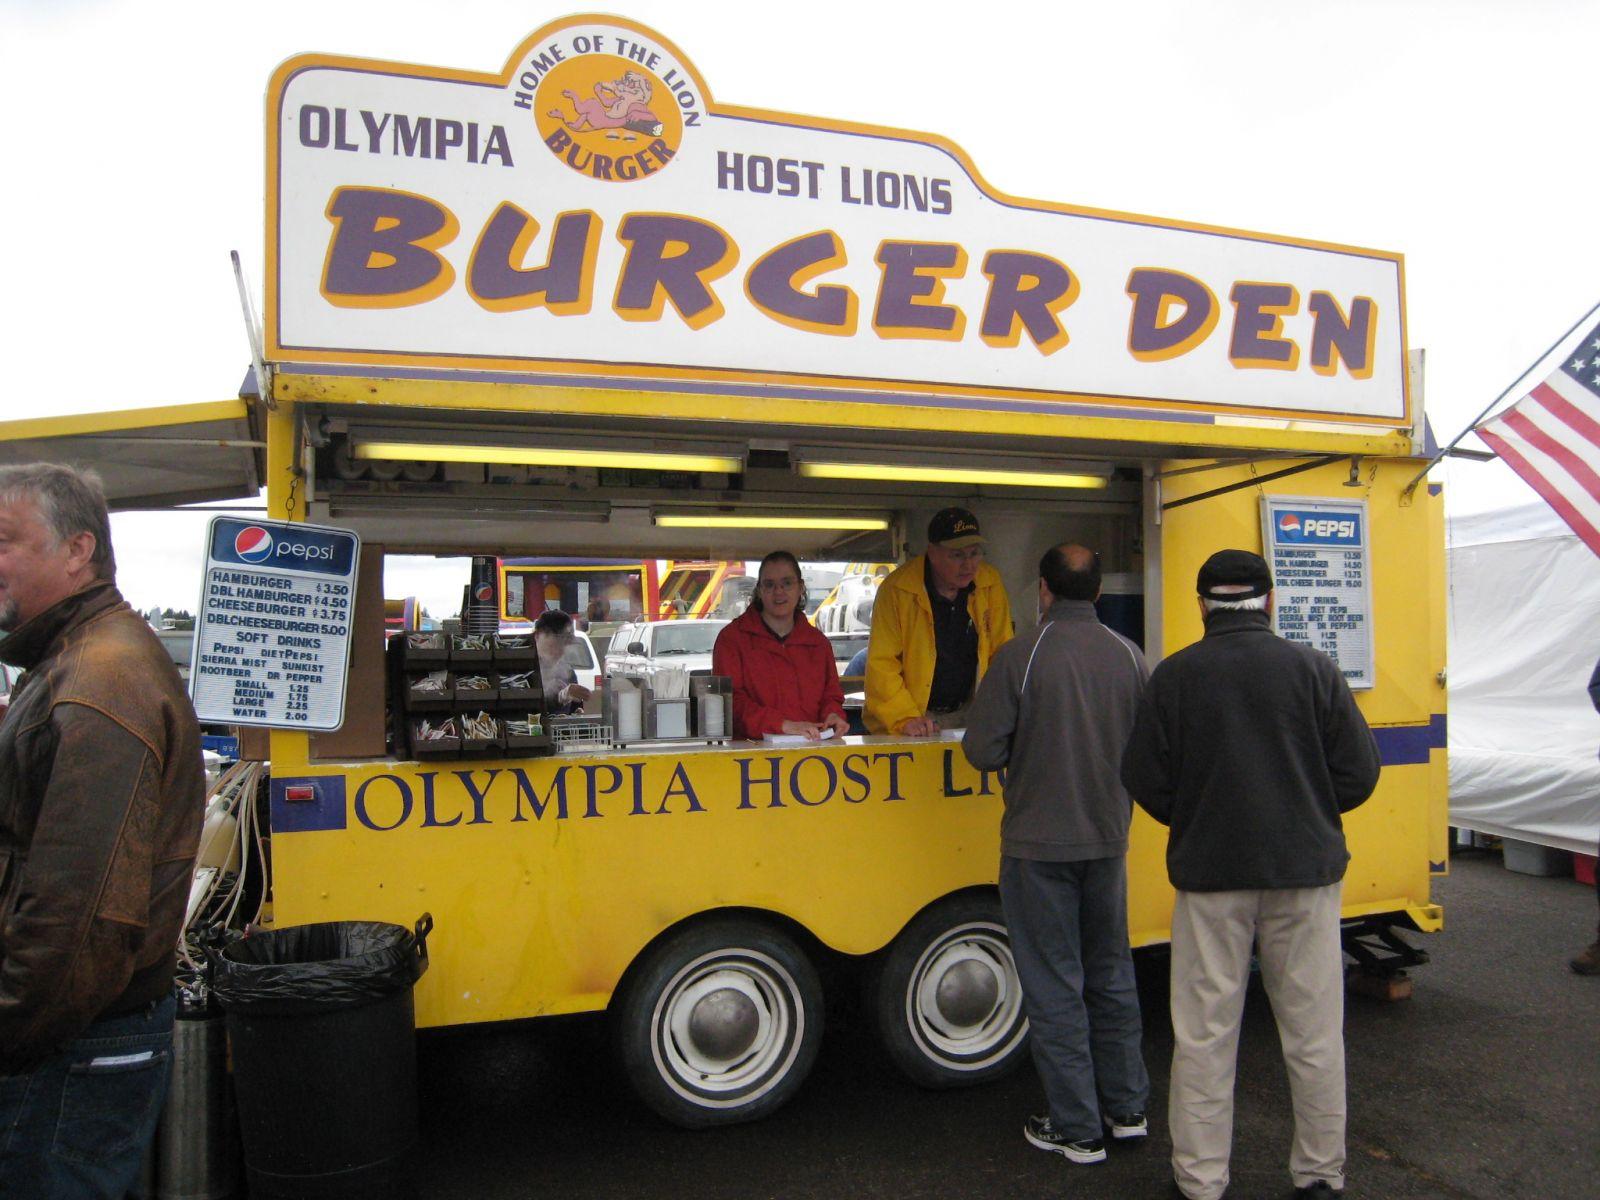 Olympia Host Burger Den